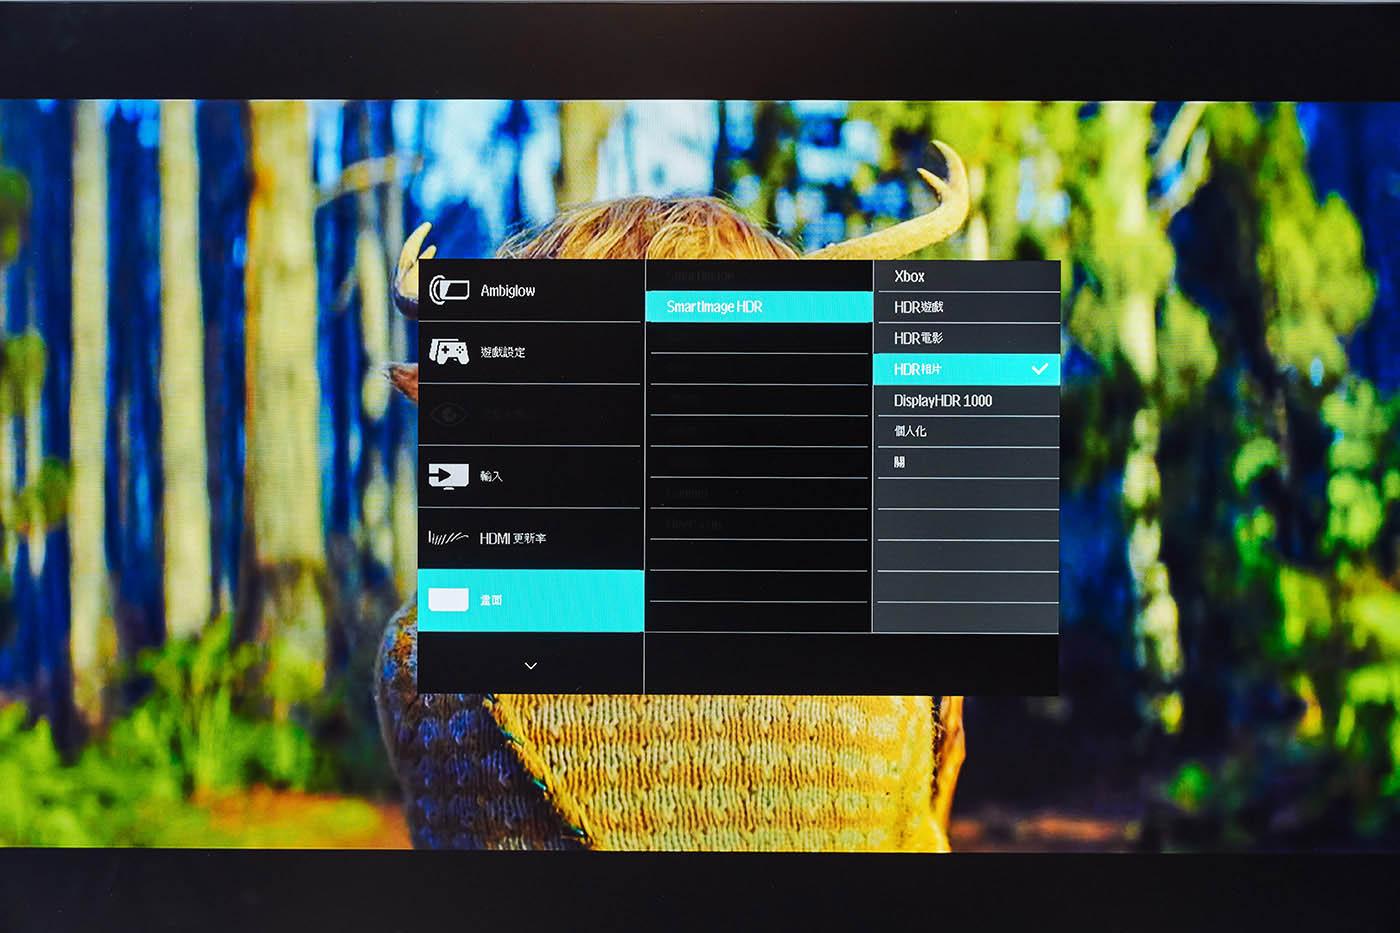 前面 SmartImage 選項是針對輸入 SDR 規格視訊設置,若輸入的是 HDR 視訊,則會顯示SmartImage HDR 模式,同樣包含 Xbox,但其他模式則是 HDR 遊戲、HDR 電影、HDR 相片、Display HDR 1000 以及個人化,用家可以依據所觀看的節目內容,開啟對應的模式,也可就自己喜好的亮度、色彩感受,輕鬆切換,十分方便。 ▲ 音效表現同樣是 559M1RYV 十分關鍵的特色,所以在聲音主項目中,其中一個就是 Audio Mode,提供包括運動 & 賽車、角色扮演與冒險、Music 等等模式,可做為電競遊戲或其他影片觀賞時,切換使用,當然聲音表現的特性也各有差異,所以用家可以將所有模式都聽過一輪,再選擇自己喜歡的聲音效果設置。